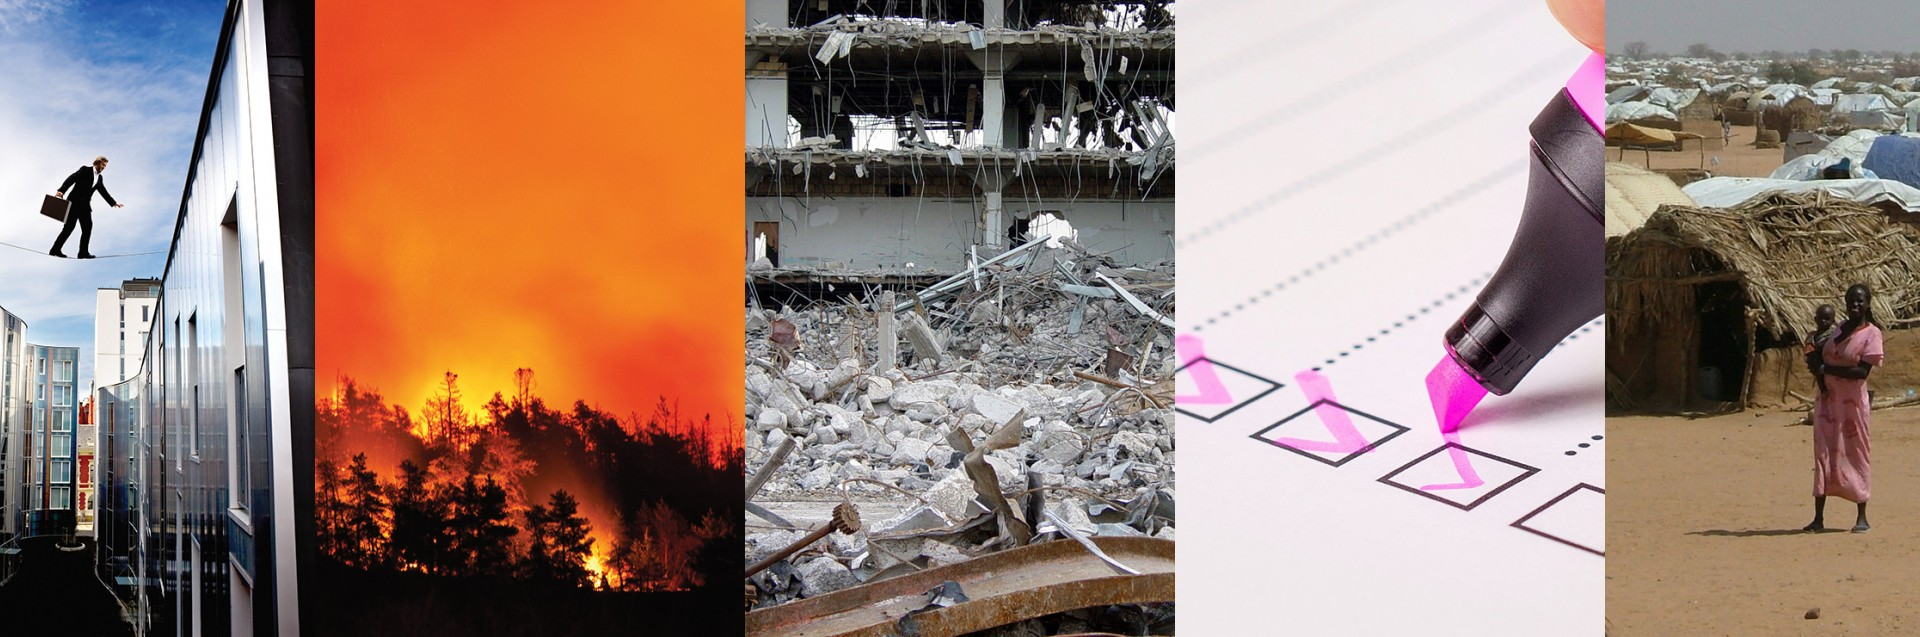 Collage av illustrasjonbilder som viser farlige situasjoner